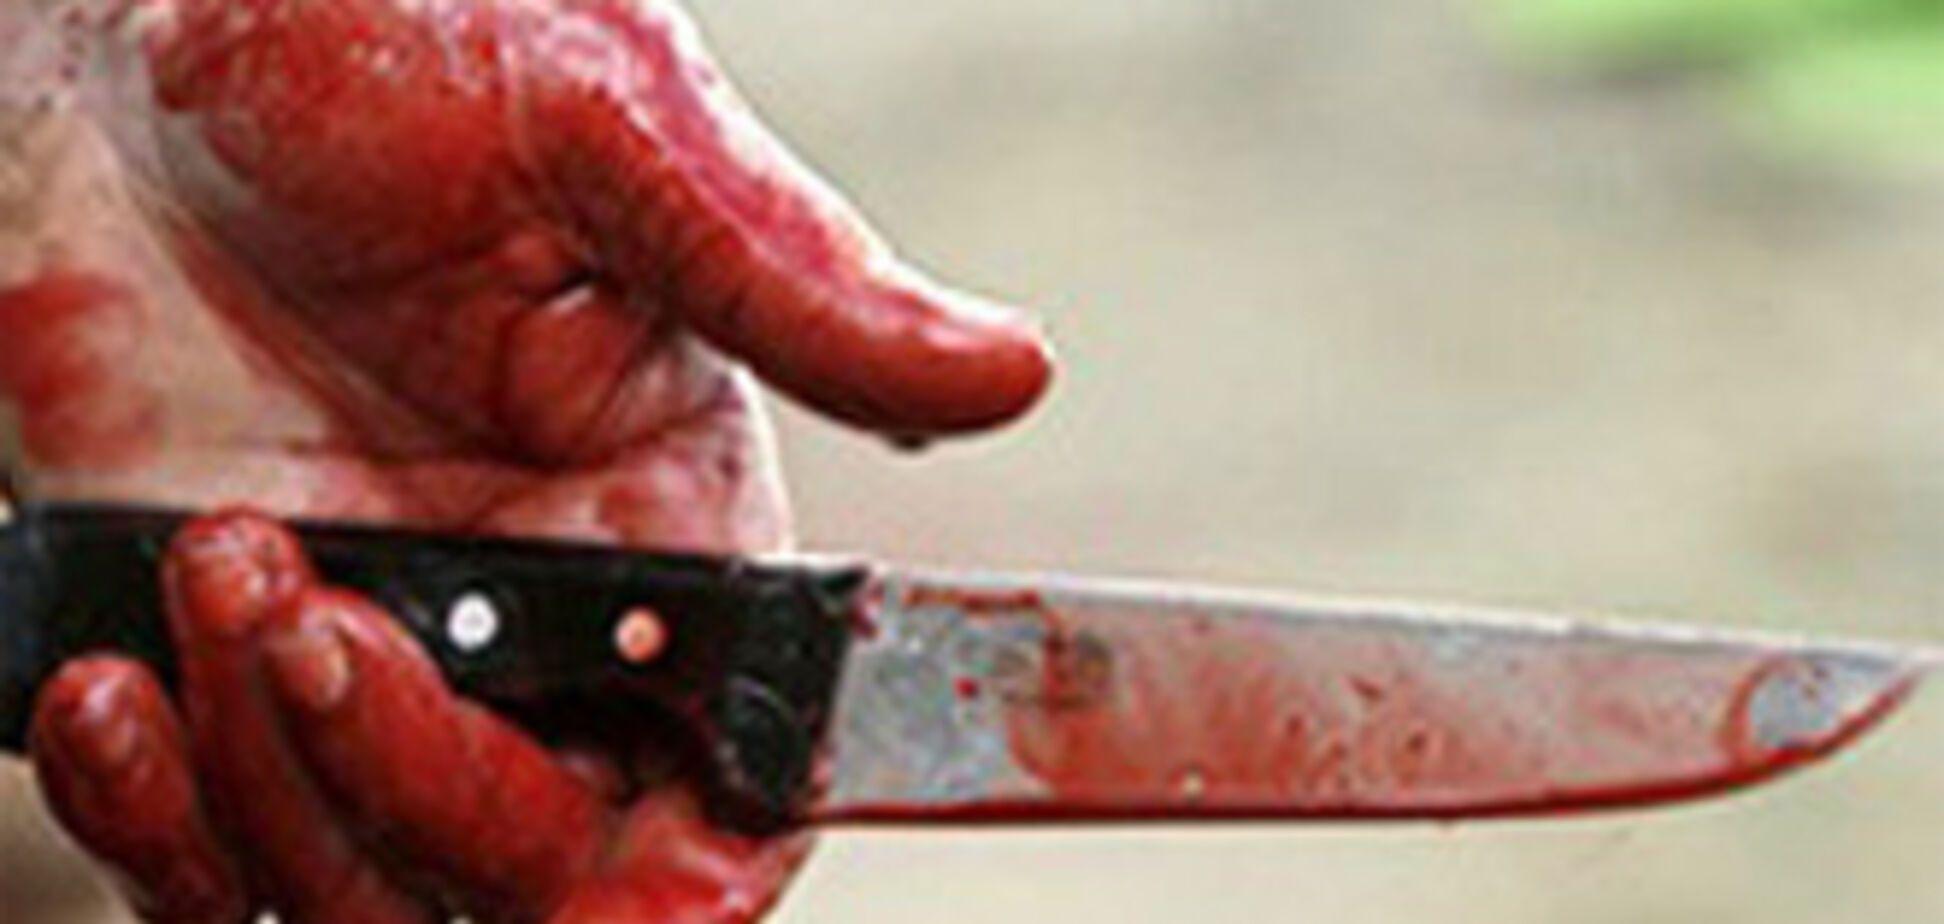 Из-за постельного белья мужчина убил соседа и покалечил жену